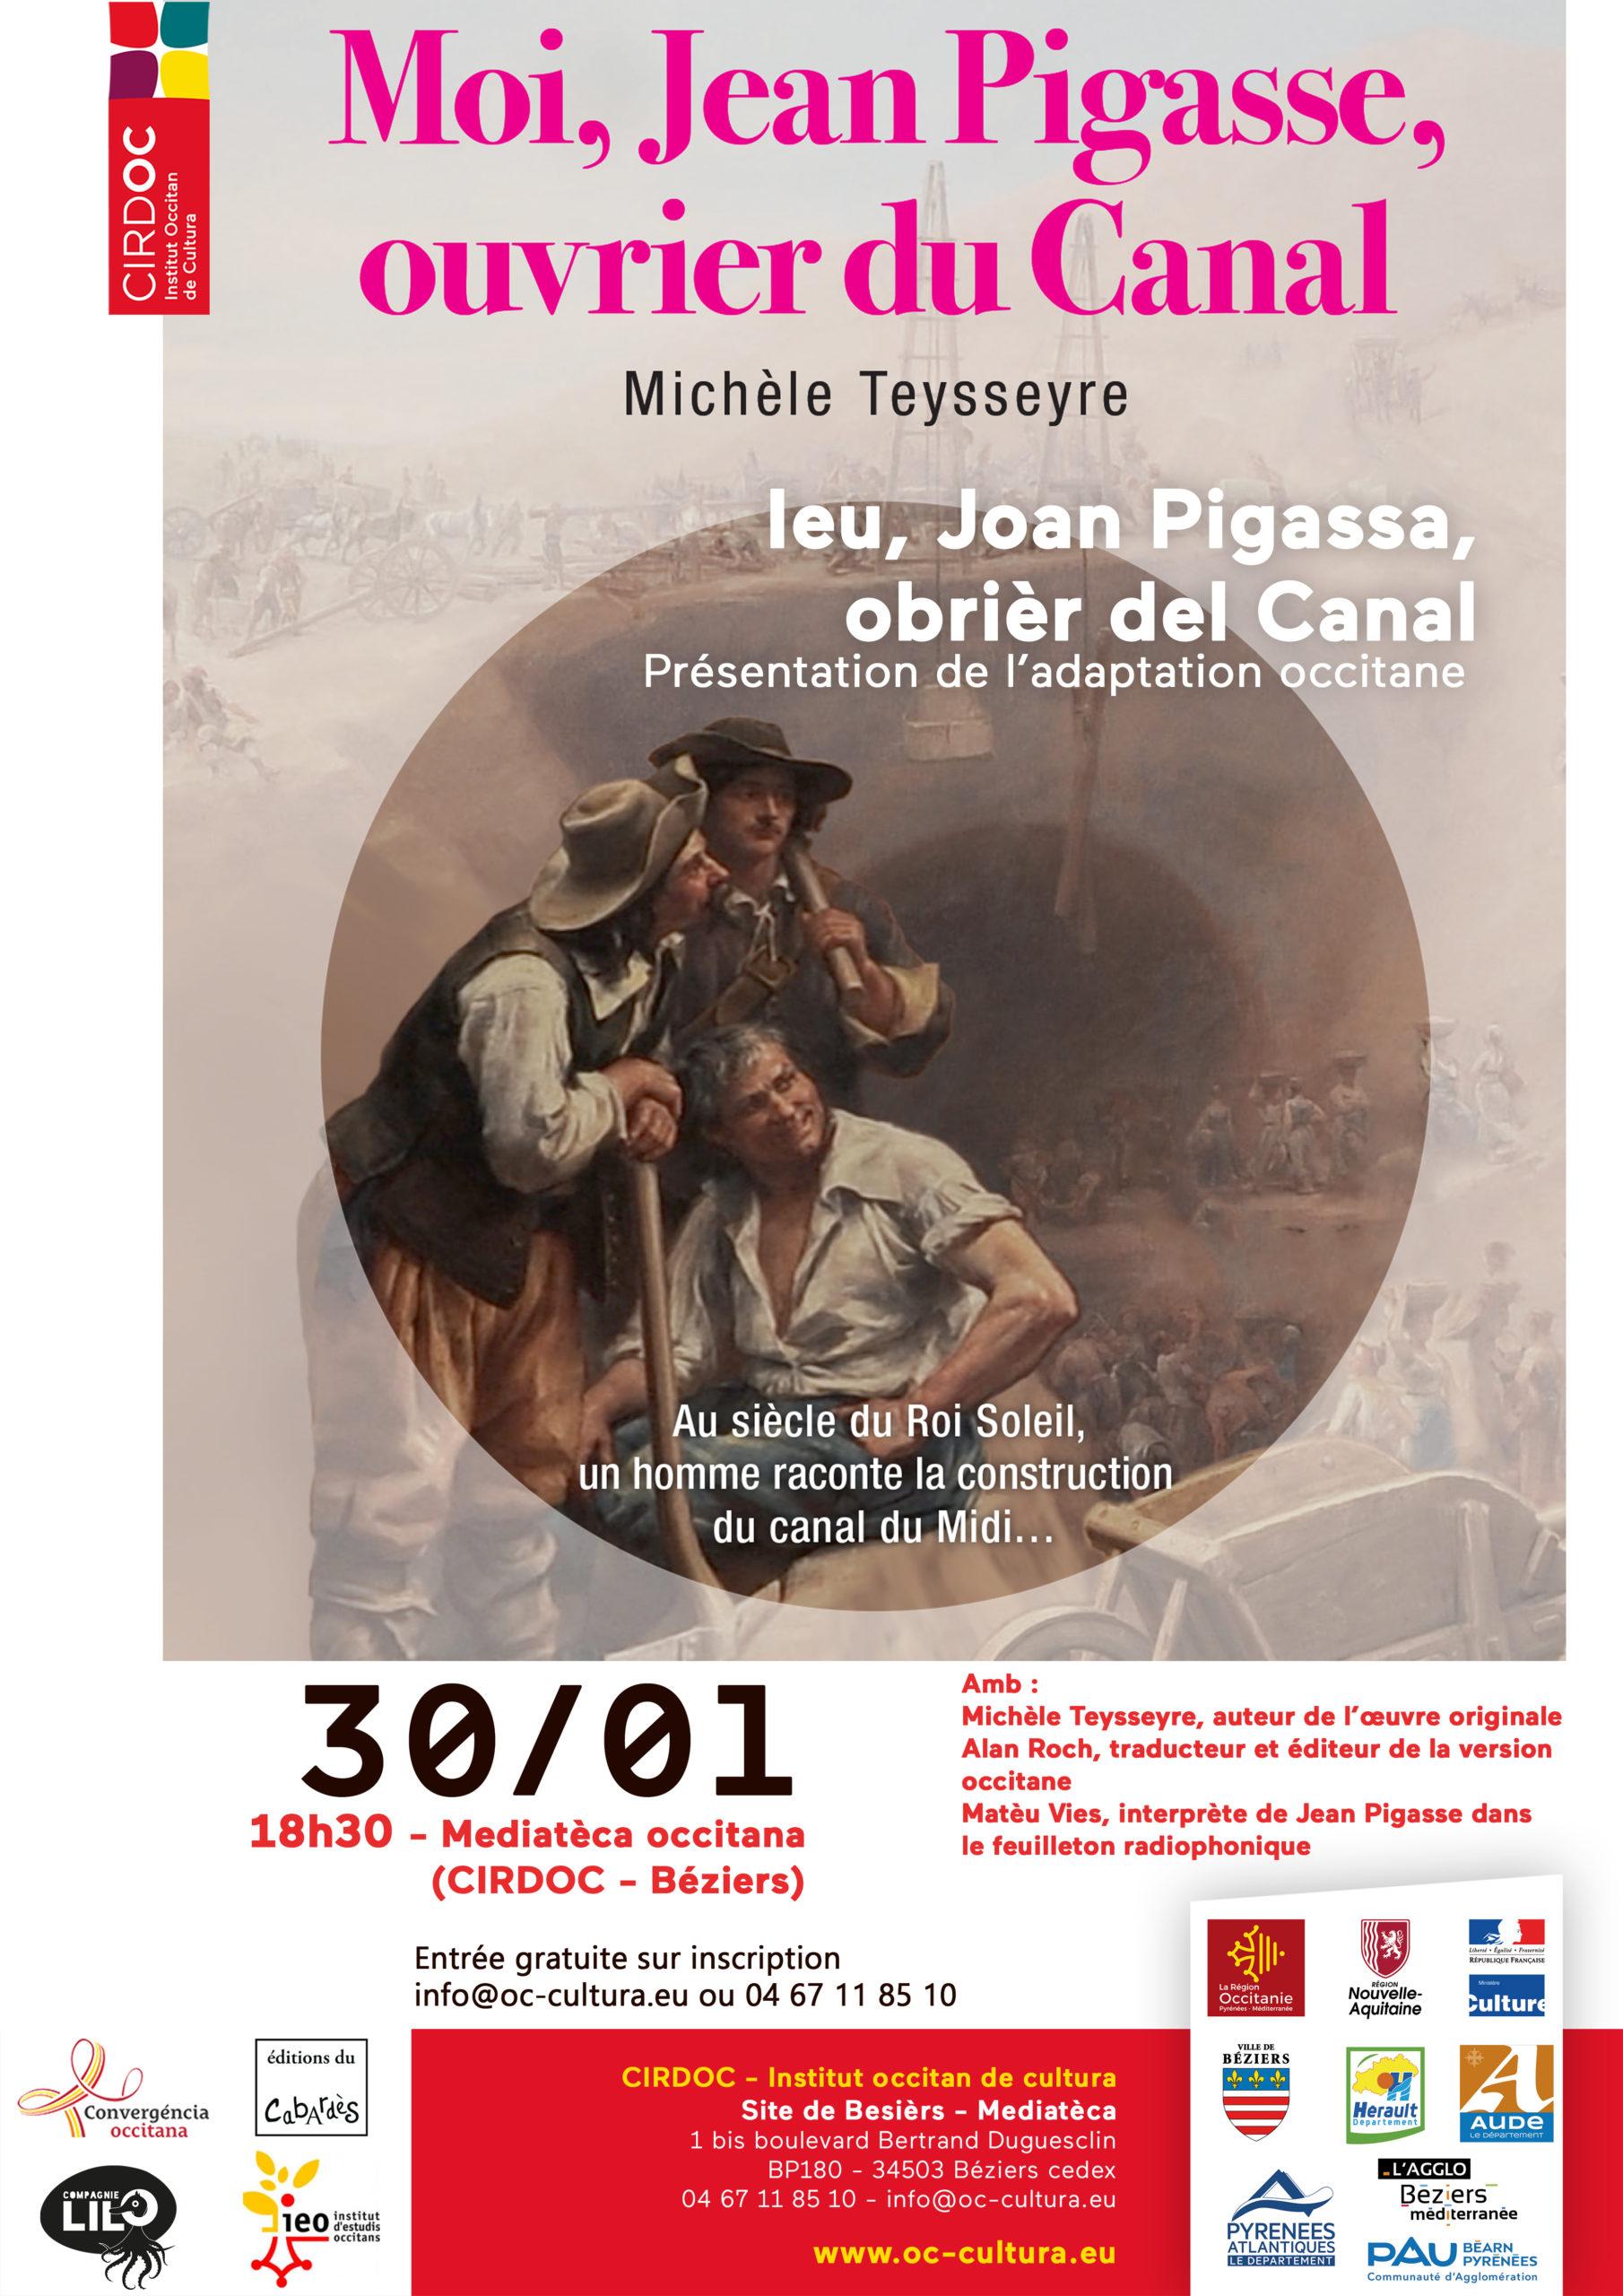 « Moi, Jean Pigasse, ouvrier du Canal » - Soirée de présentation de l'adaptation occitane